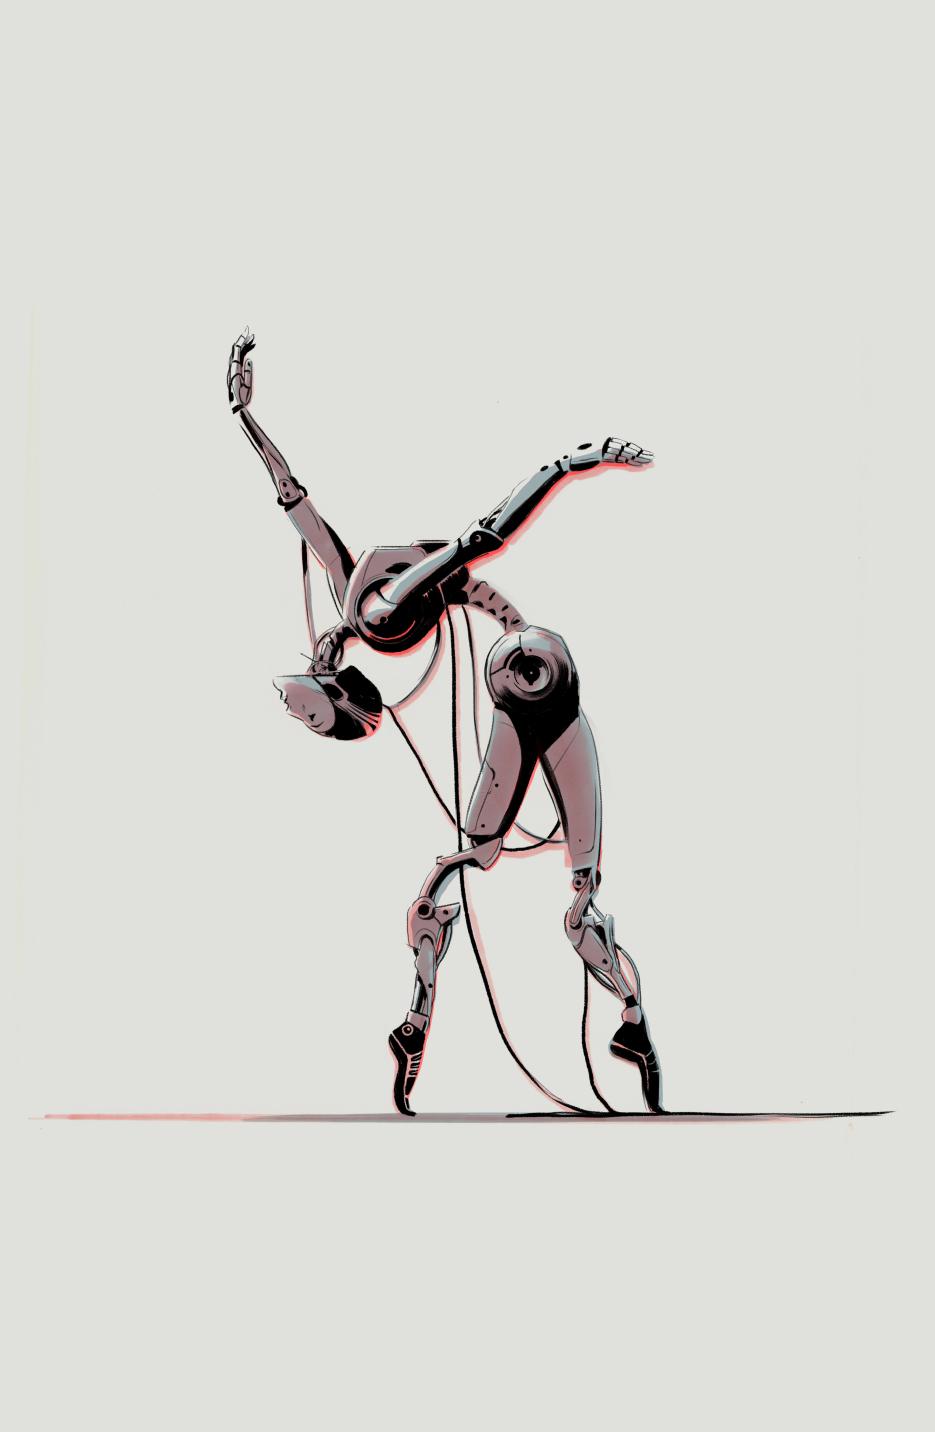 Illustration of a robot dancer by Señor Salme.